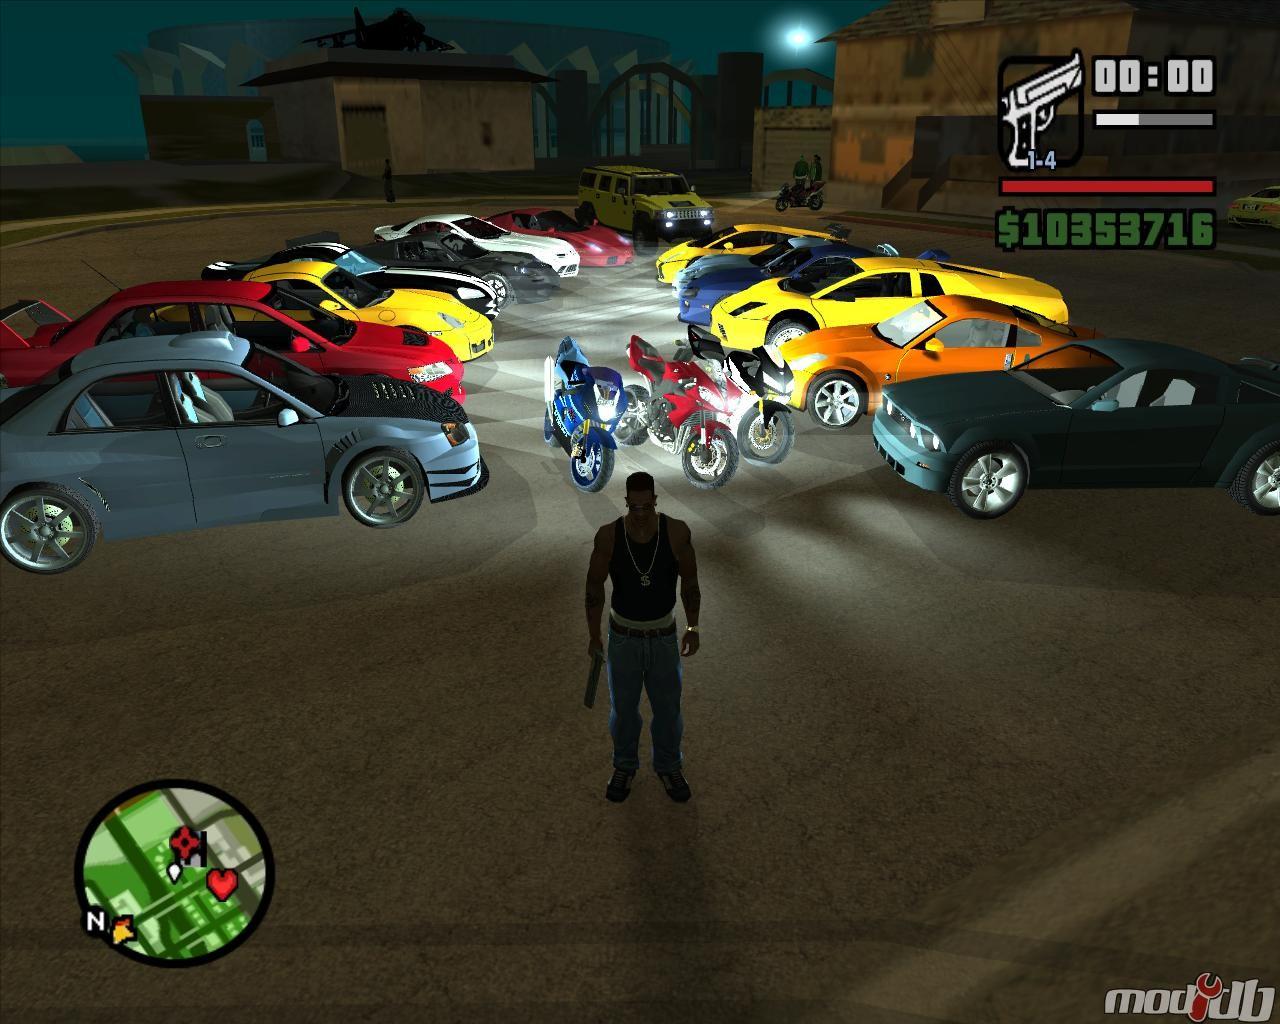 GTA San Andreas Car Cheats